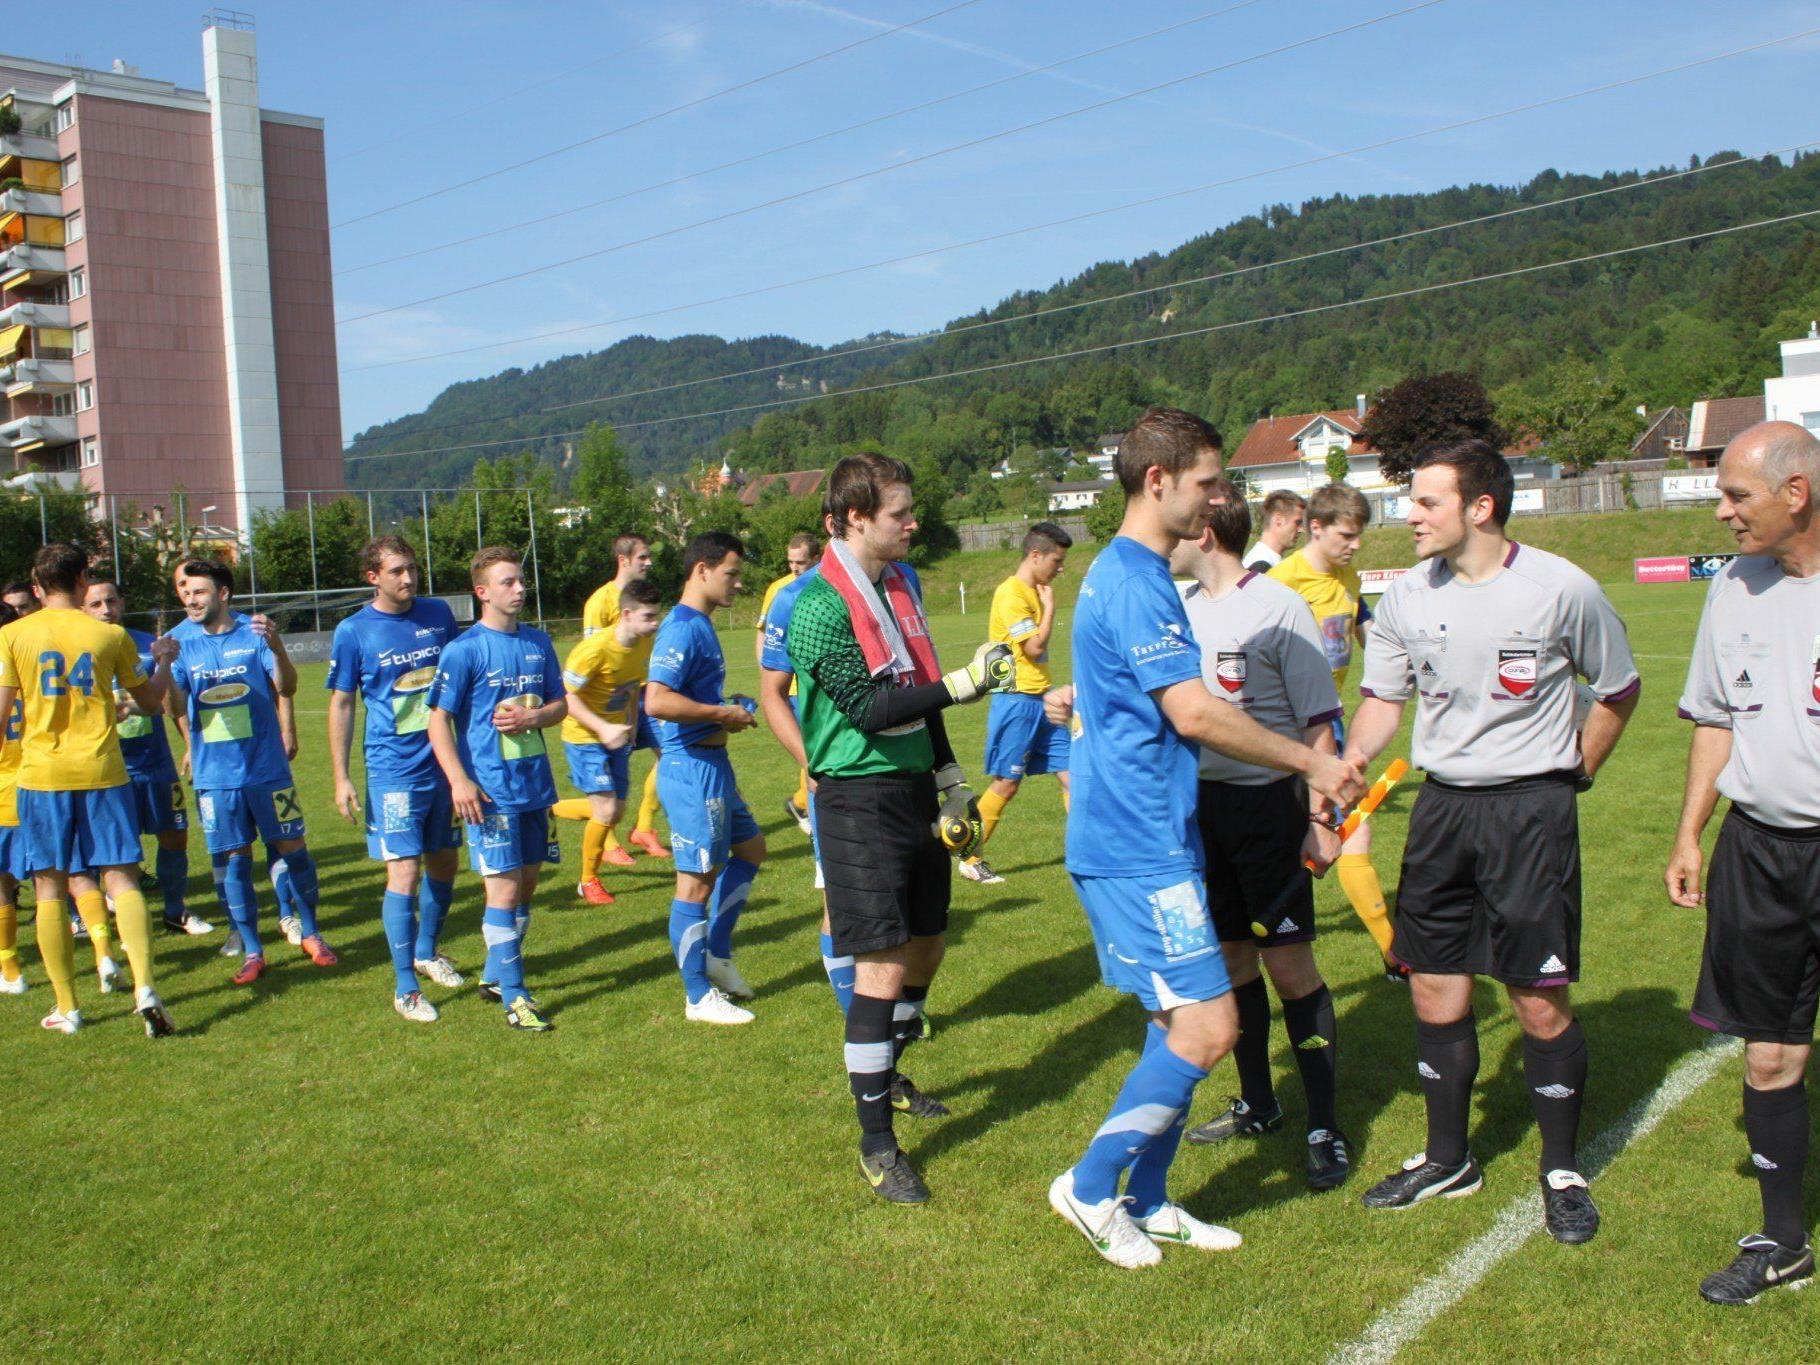 Bei Spielbeginn war die Welt zwischen dem SV Typico Lochau und Schiedsrichter Baumann noch in bester Ordnung.